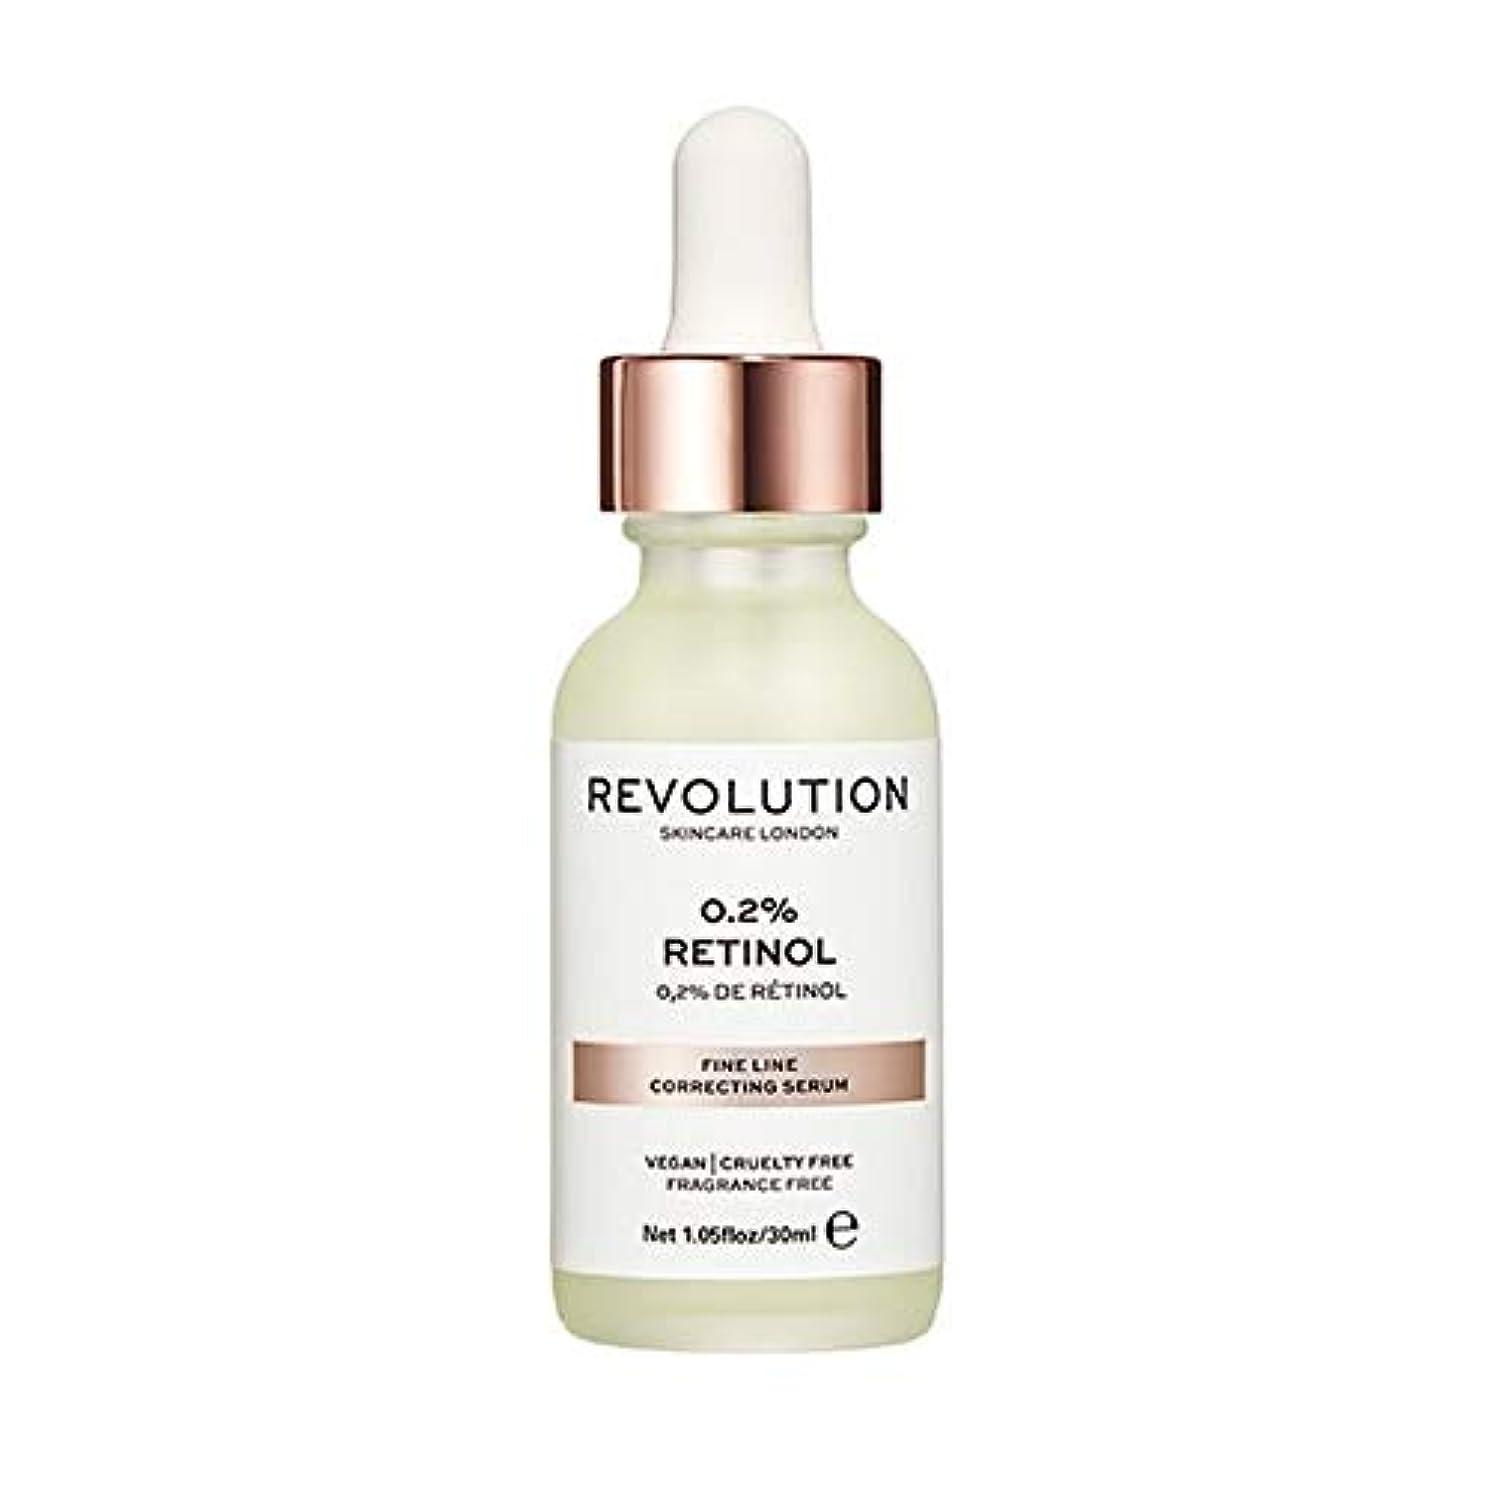 一貫性のない不幸窓[Revolution] 革命のスキンケア細線補正した血清 - Revolution Skincare Fine Line Correcting Serum [並行輸入品]